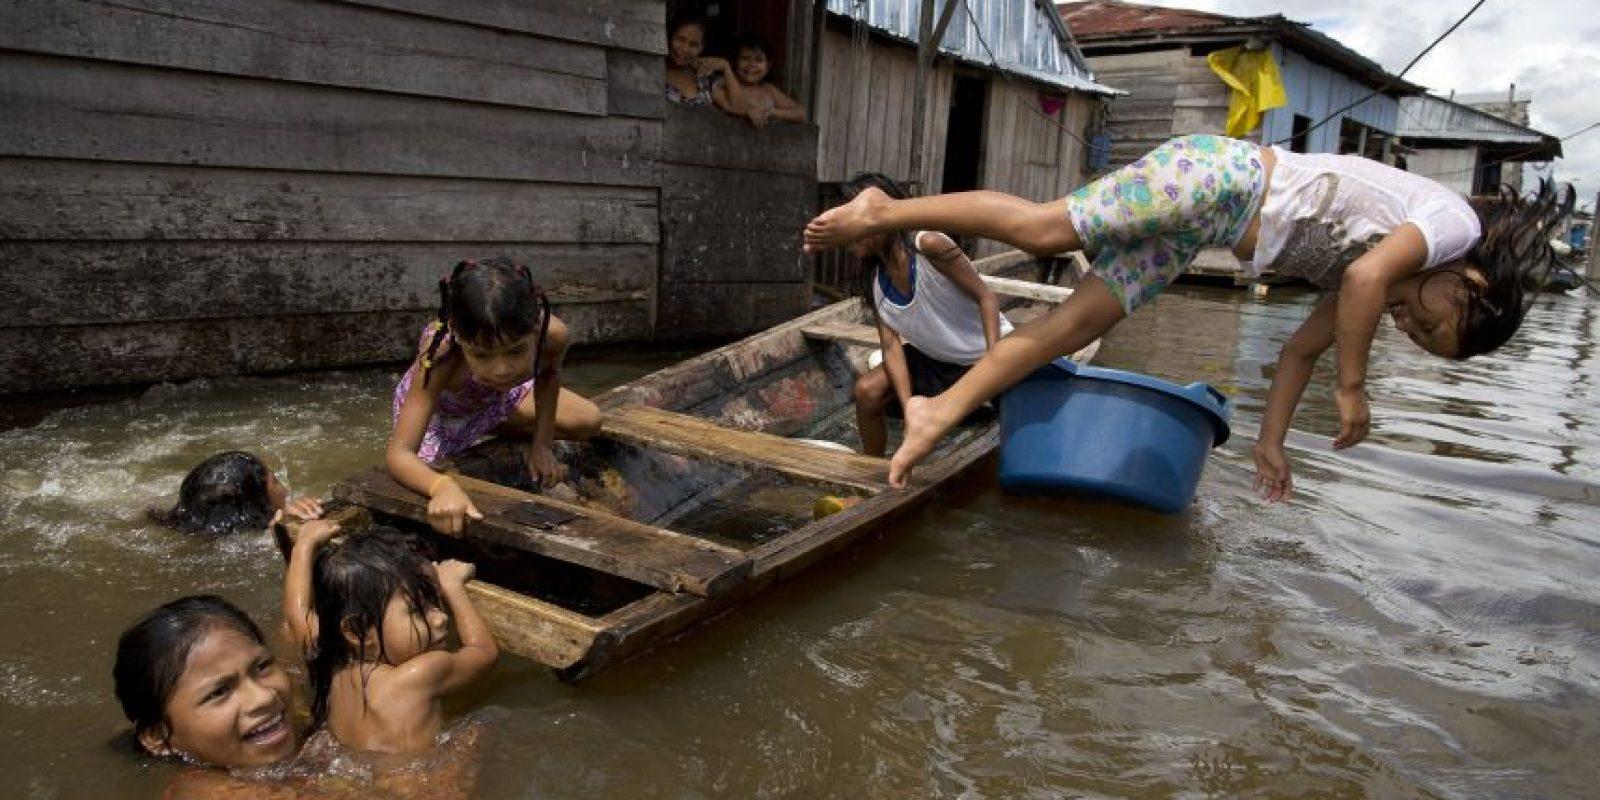 """En esta imagen del 19 de abril de 2015, niños jugando en un bote en el agua ante sus casas en el barrio de Belén en Iquitos, Perú. Esta empobrecida comunidad peruana conocida como """"Venecia de la jungla"""", vive la mitad del año inundada, con canoas en lugar de taxis motocicleta como medio de transporte preferido. Foto:AP/ Rodrigo Abd"""